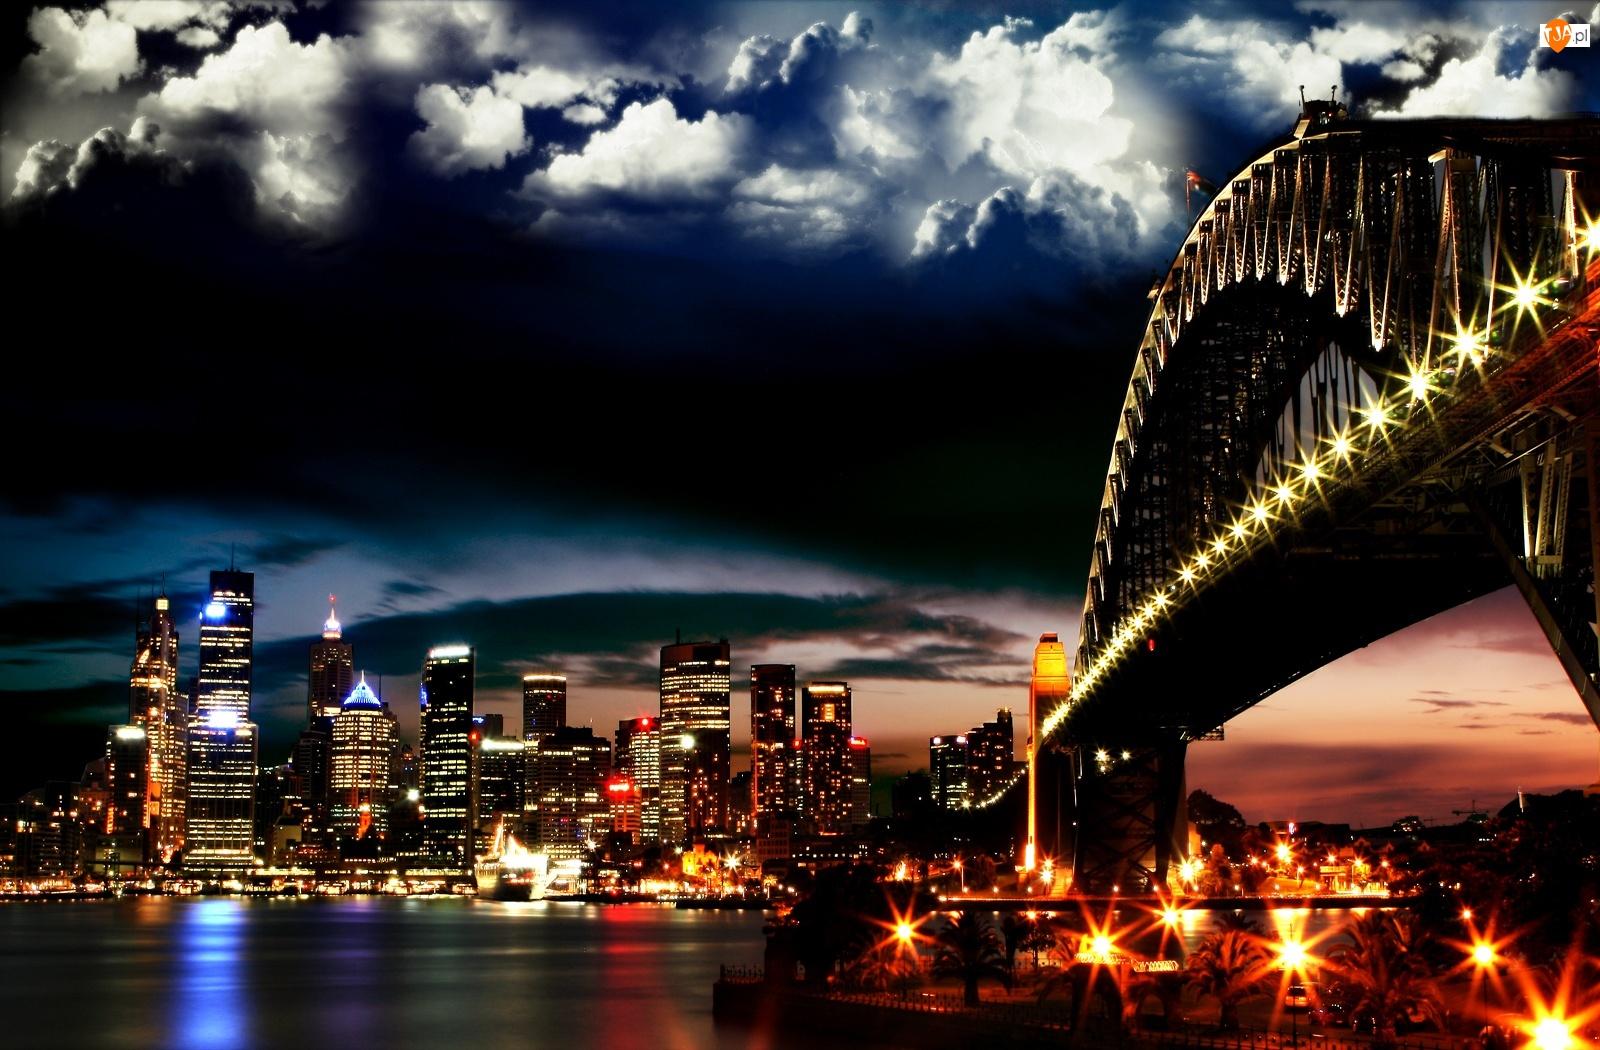 Wysokie, Noc, Rzeka, Światła, Most, Budynki